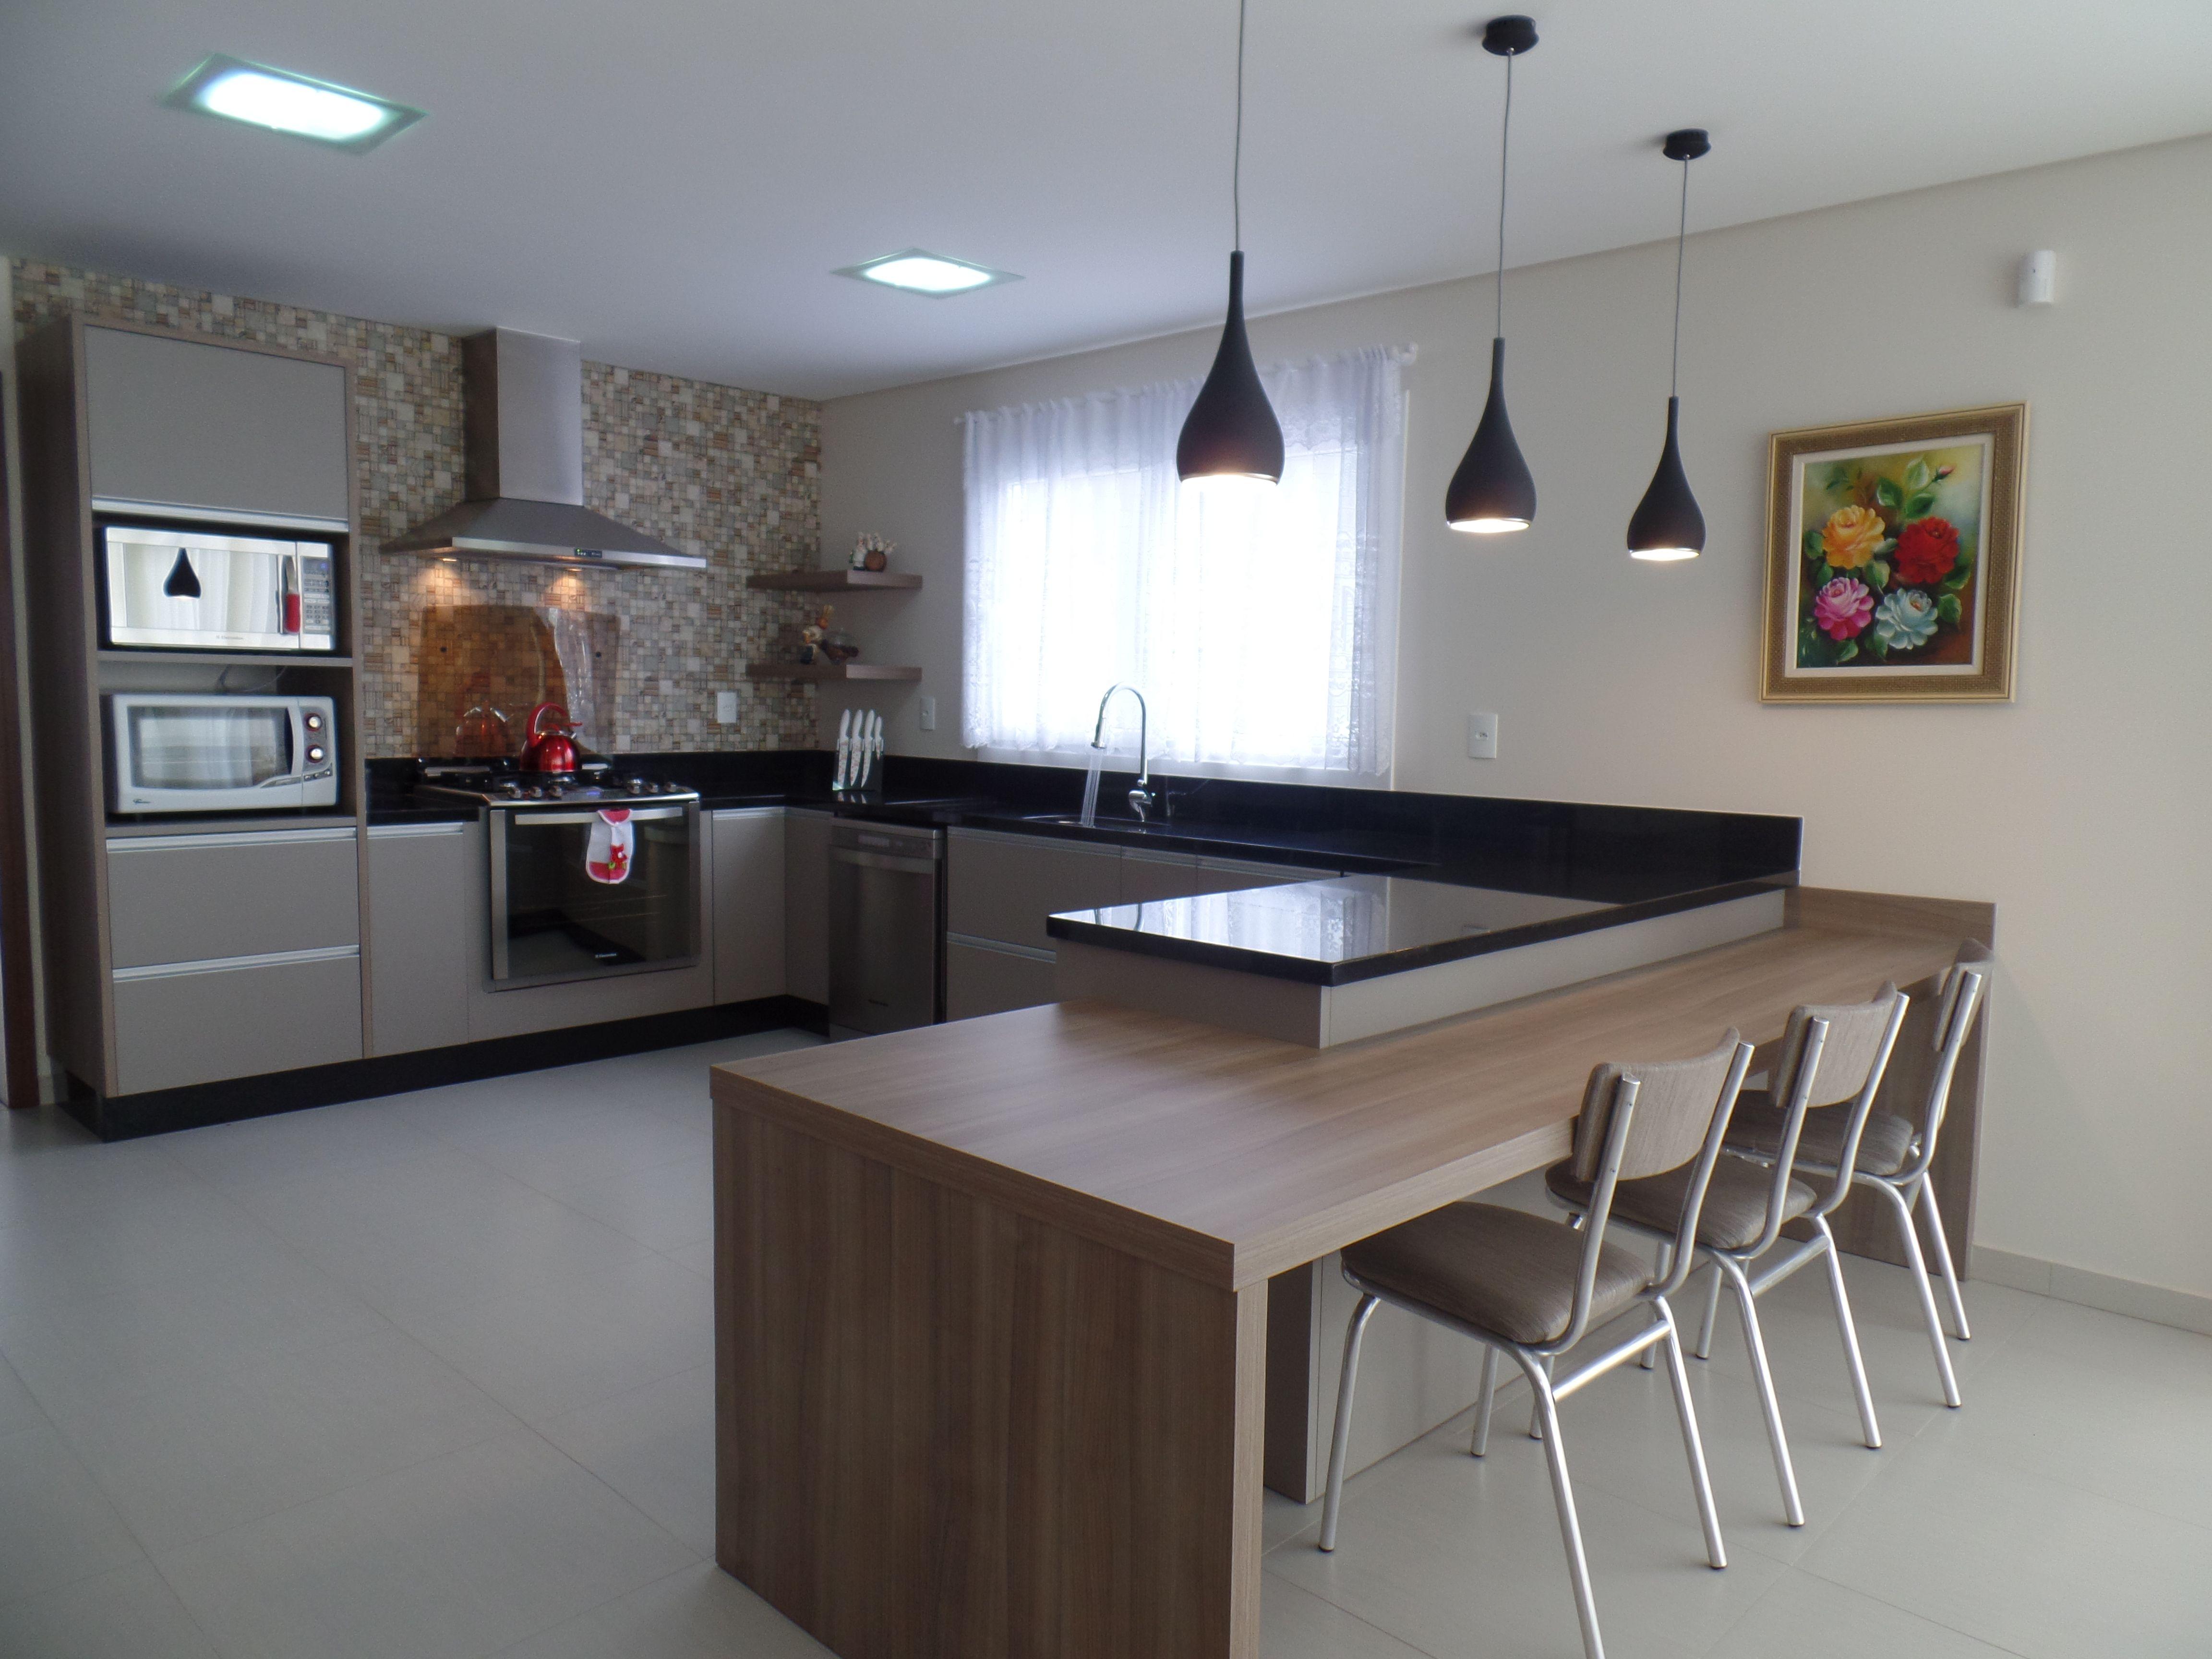 Bancada De Cozinha Em Granito Preto S O Gabriel Cozinhas  ~ Bancada Cozinha Granito Preto